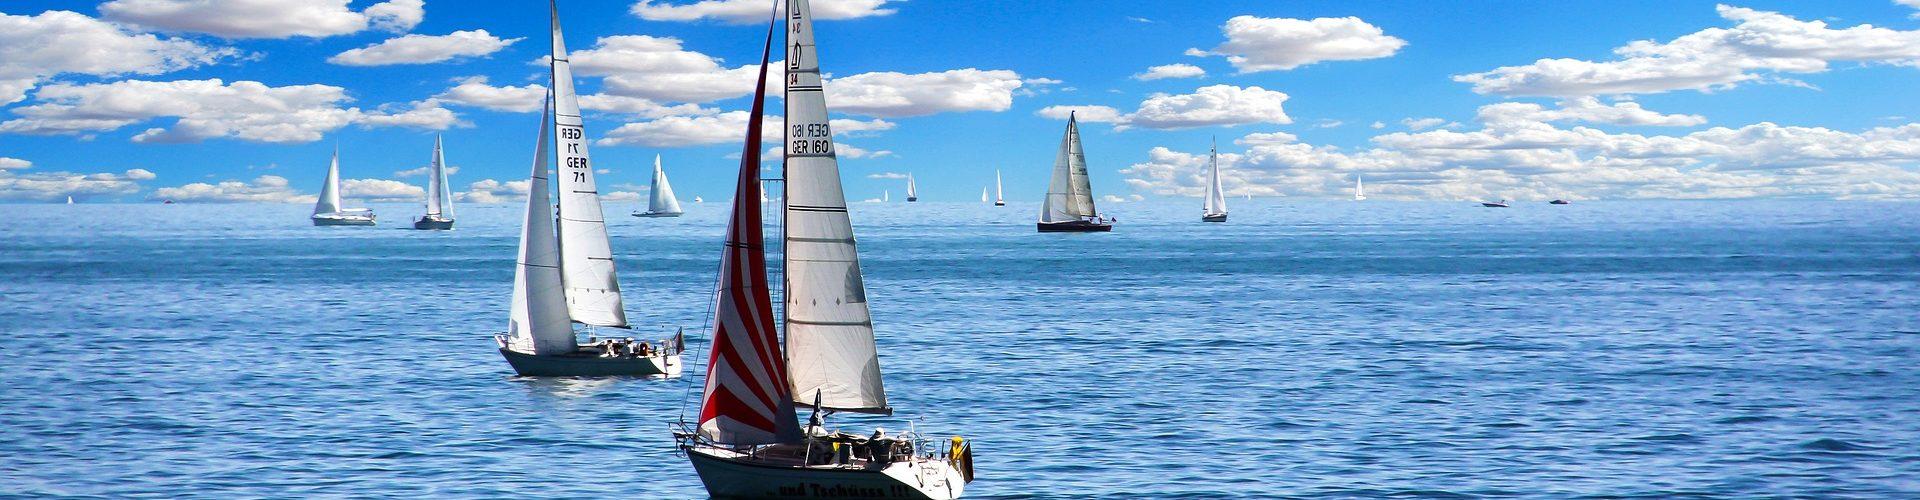 segeln lernen in Zinnowitz segelschein machen in Zinnowitz 1920x500 - Segeln lernen in Zinnowitz